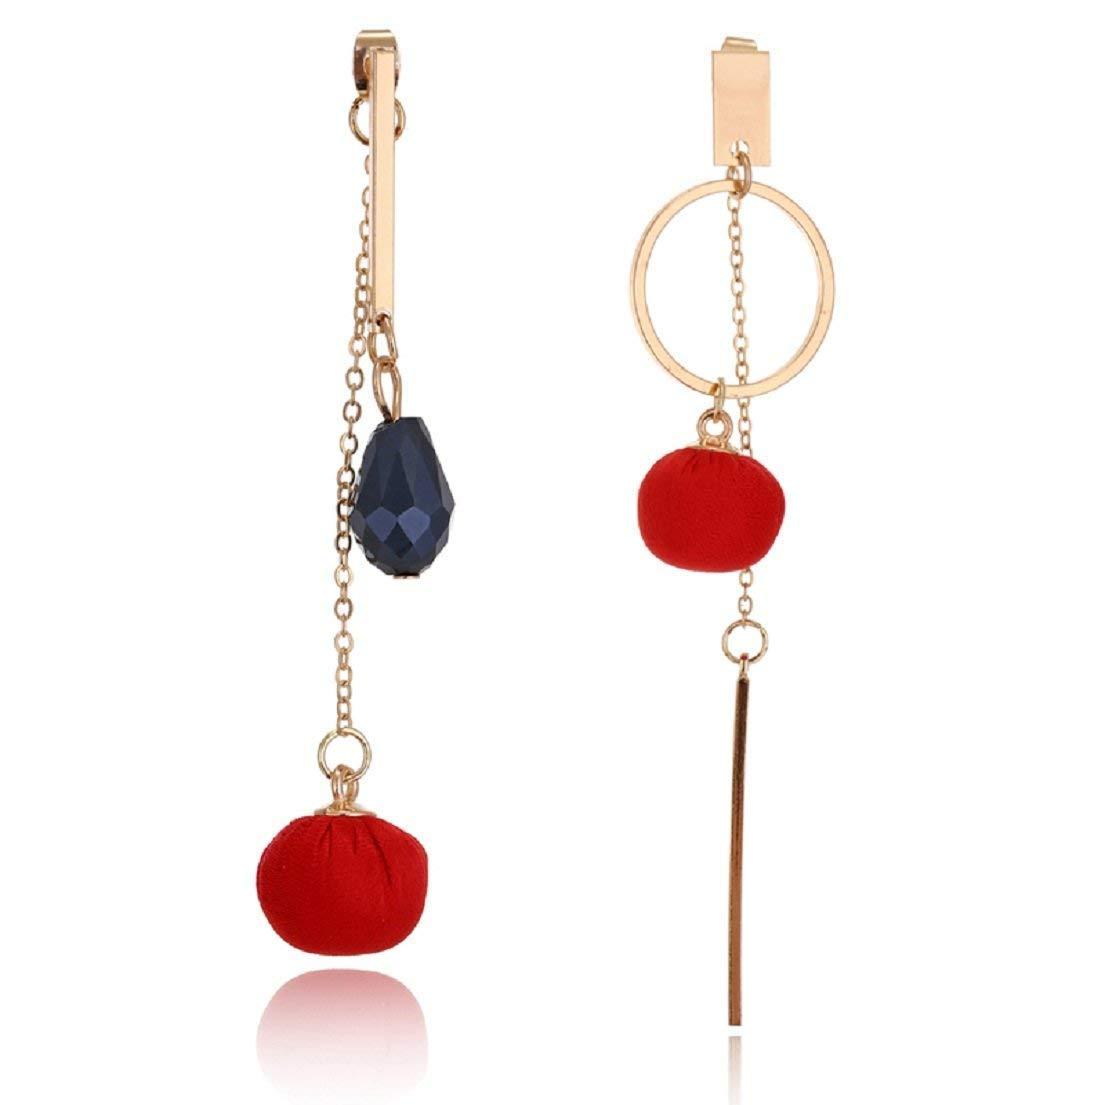 Tassel Long Earrings Ball Drop Earrings for Girls /& Womens Stylish Party Wear by Glitz